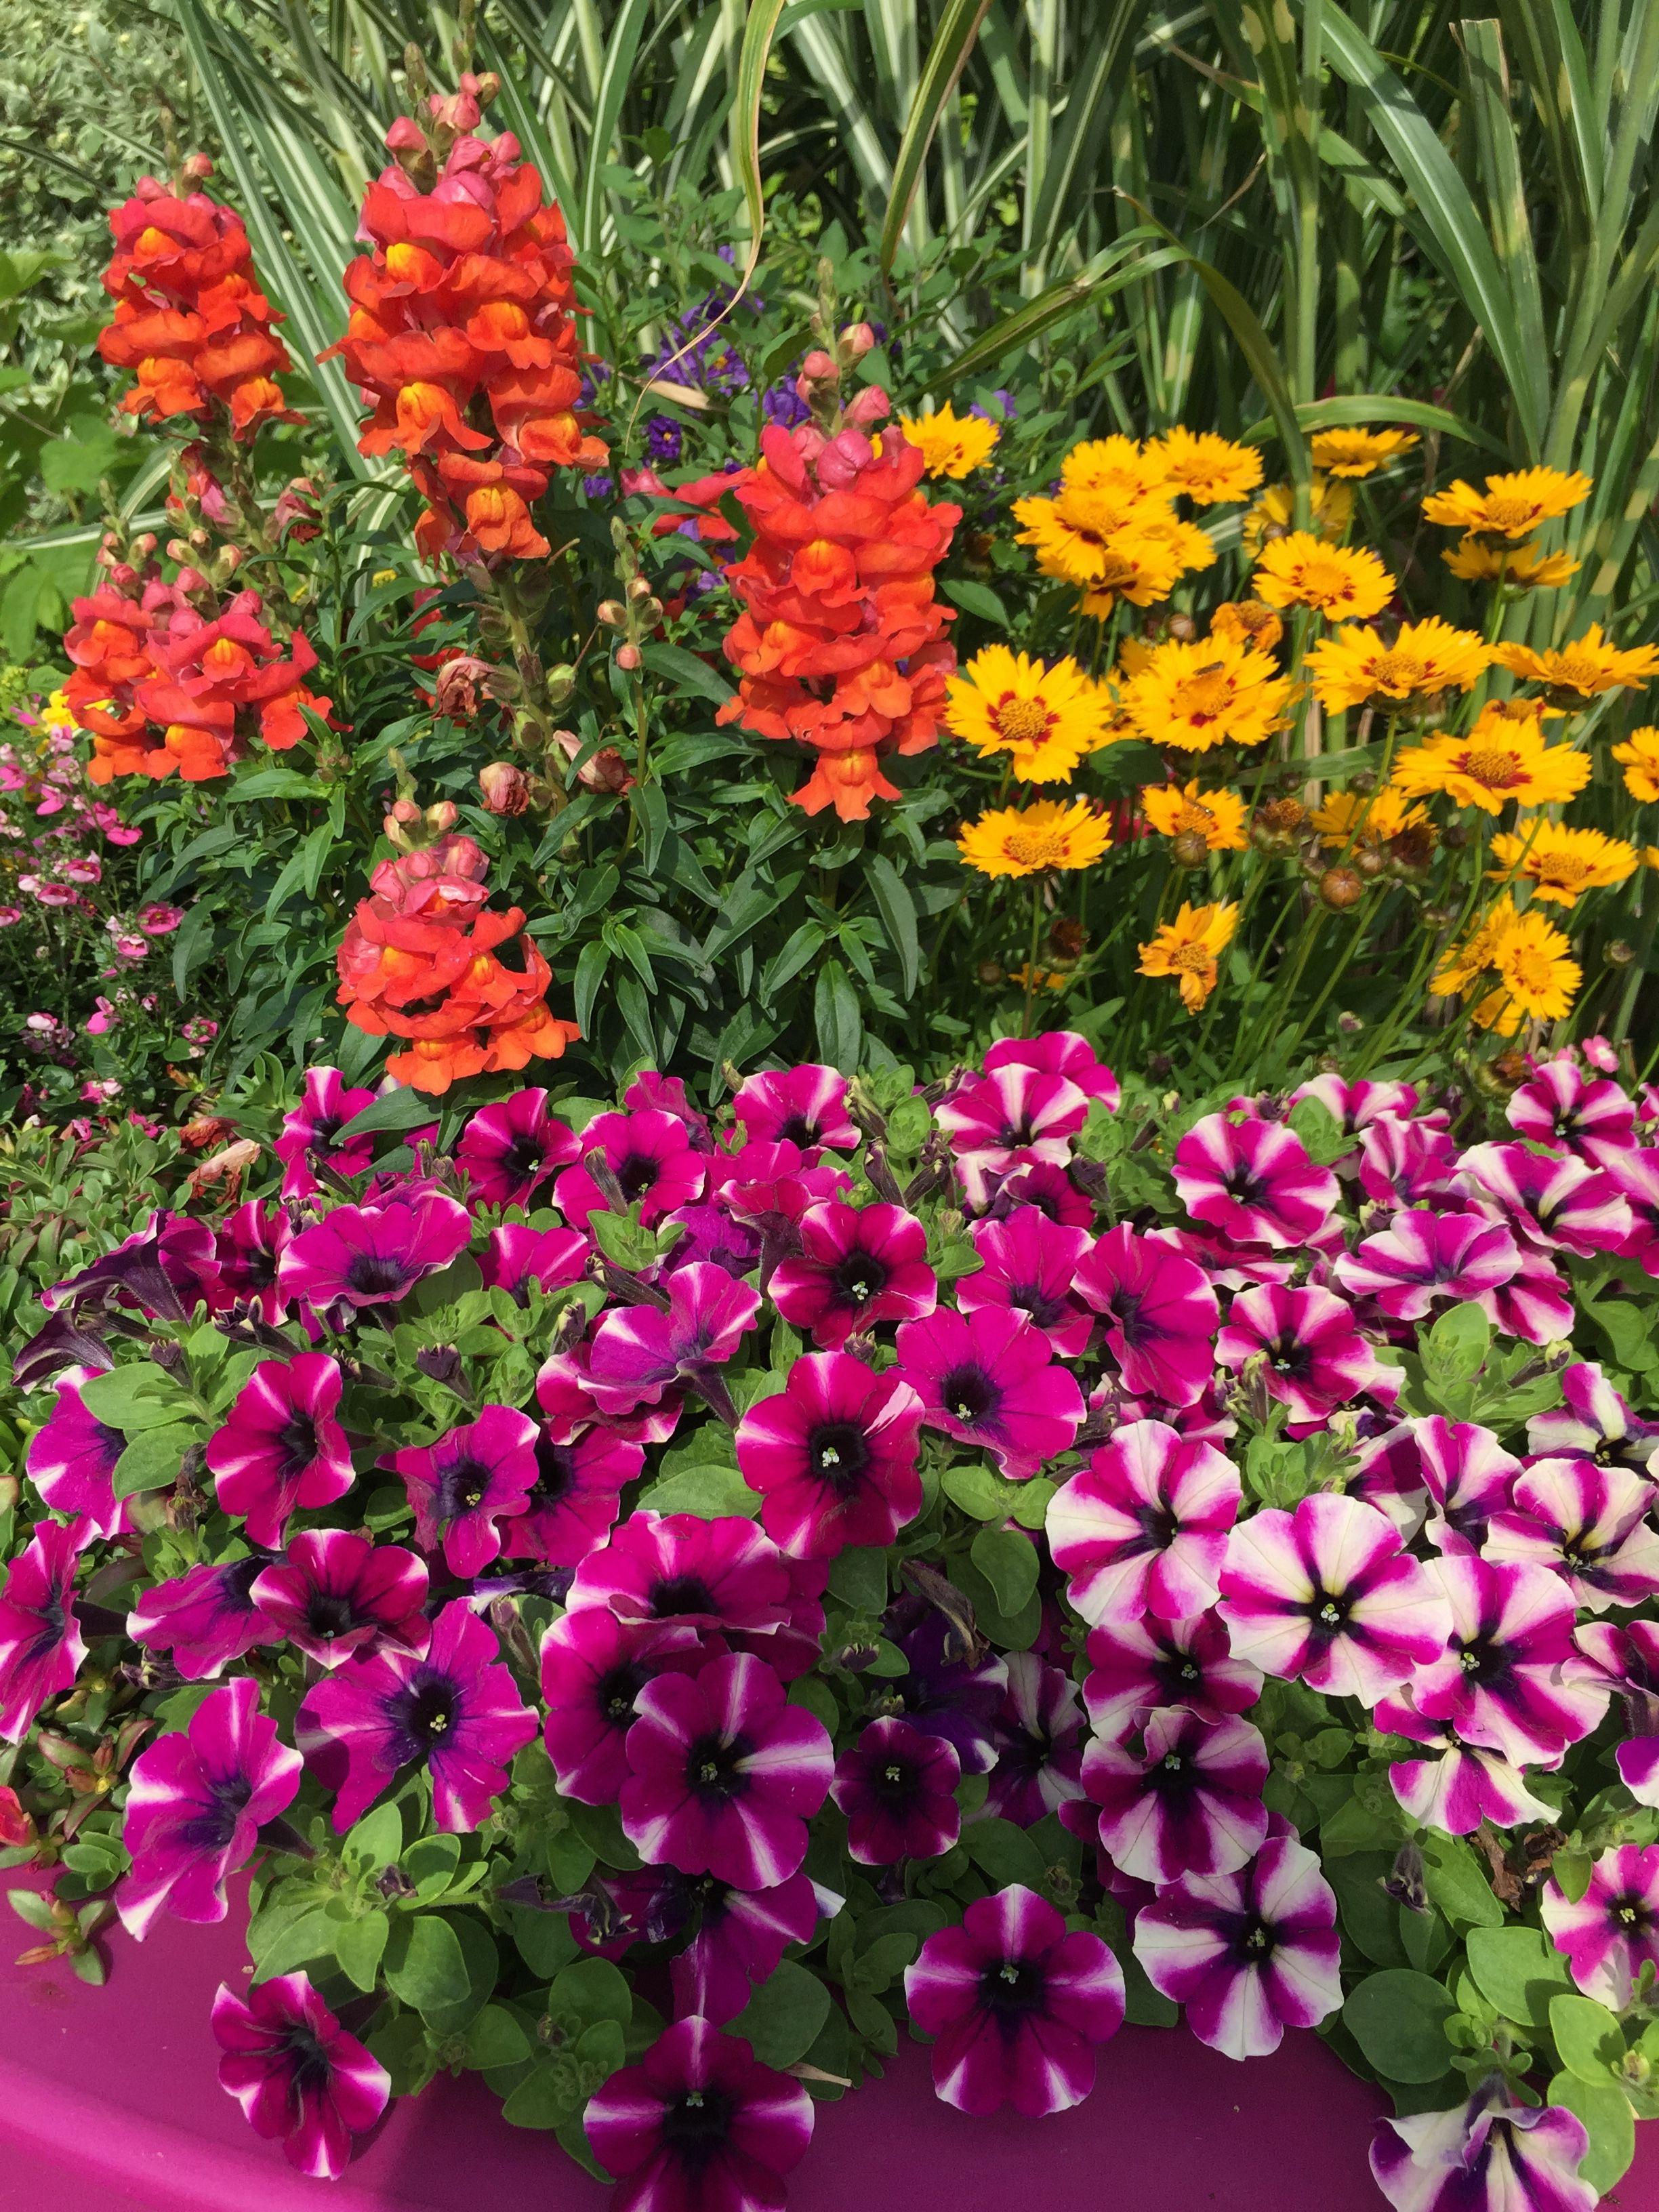 Epingle Par Completement Nad Sur Jardin Fleur Jardins Fleurs